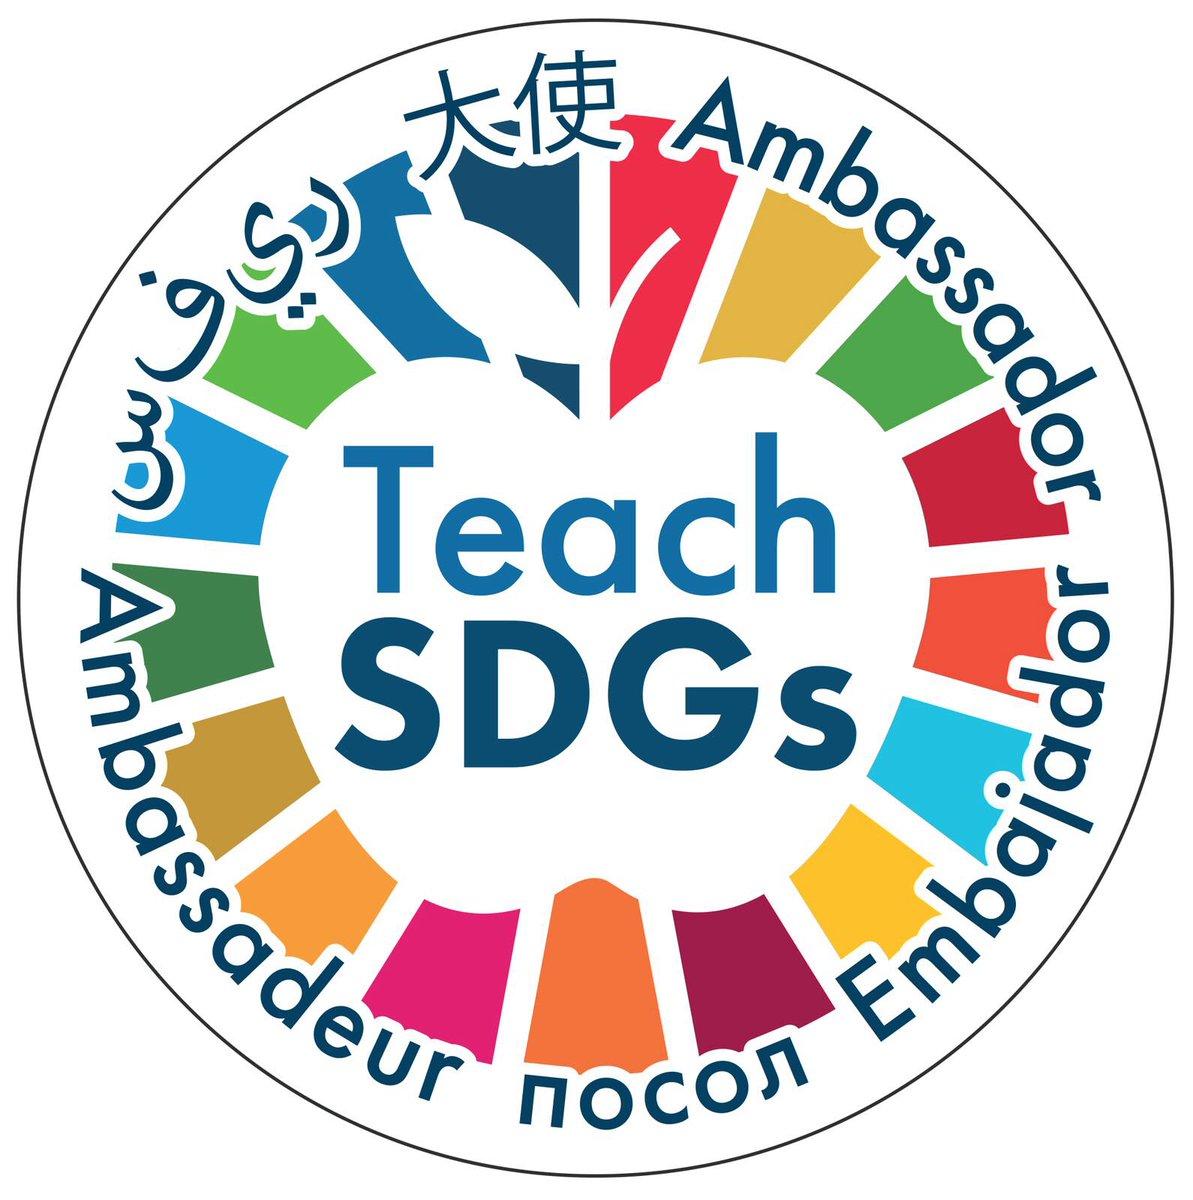 We❤💗💚💛💙💘🌏🌎🌍 We❤💗💚💛💙💘 #TeachSDGs @TeachSDGs